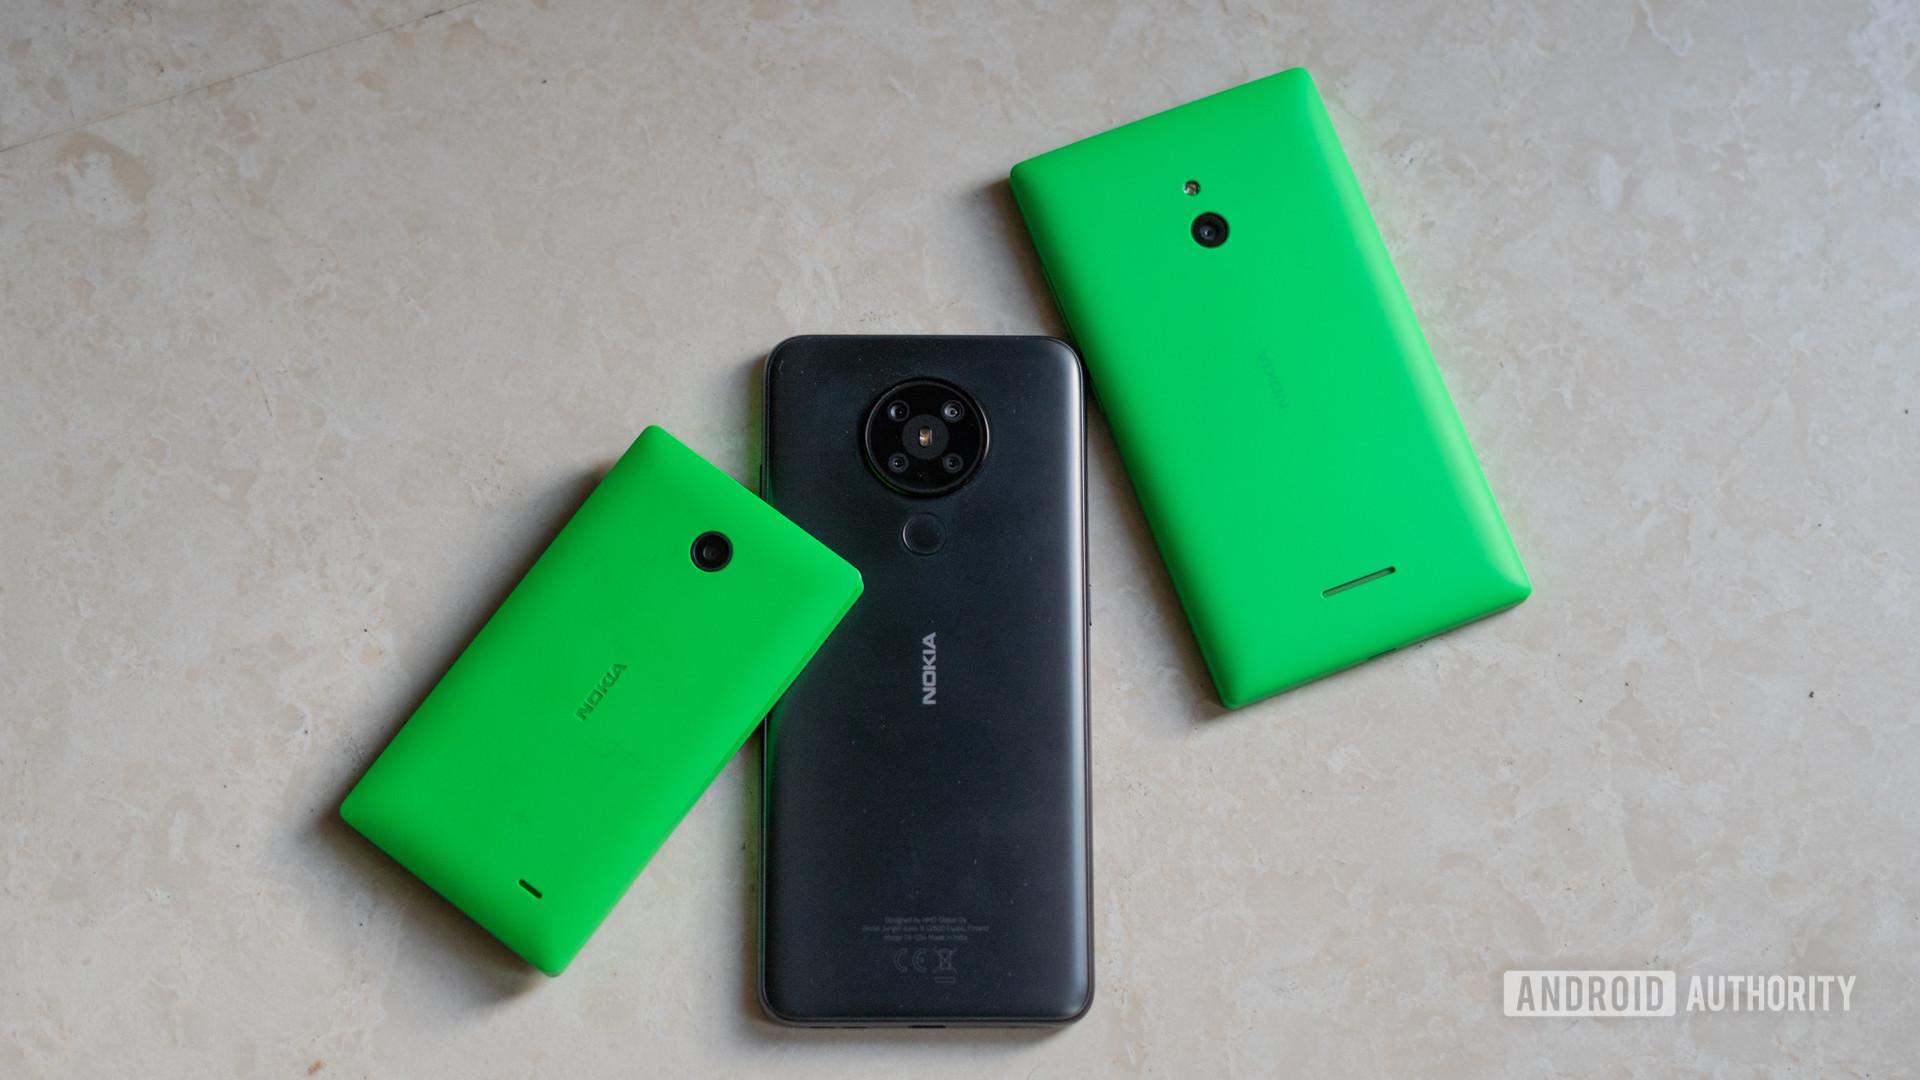 Nokia X Nokia XL with Nokia 5.3 HMD